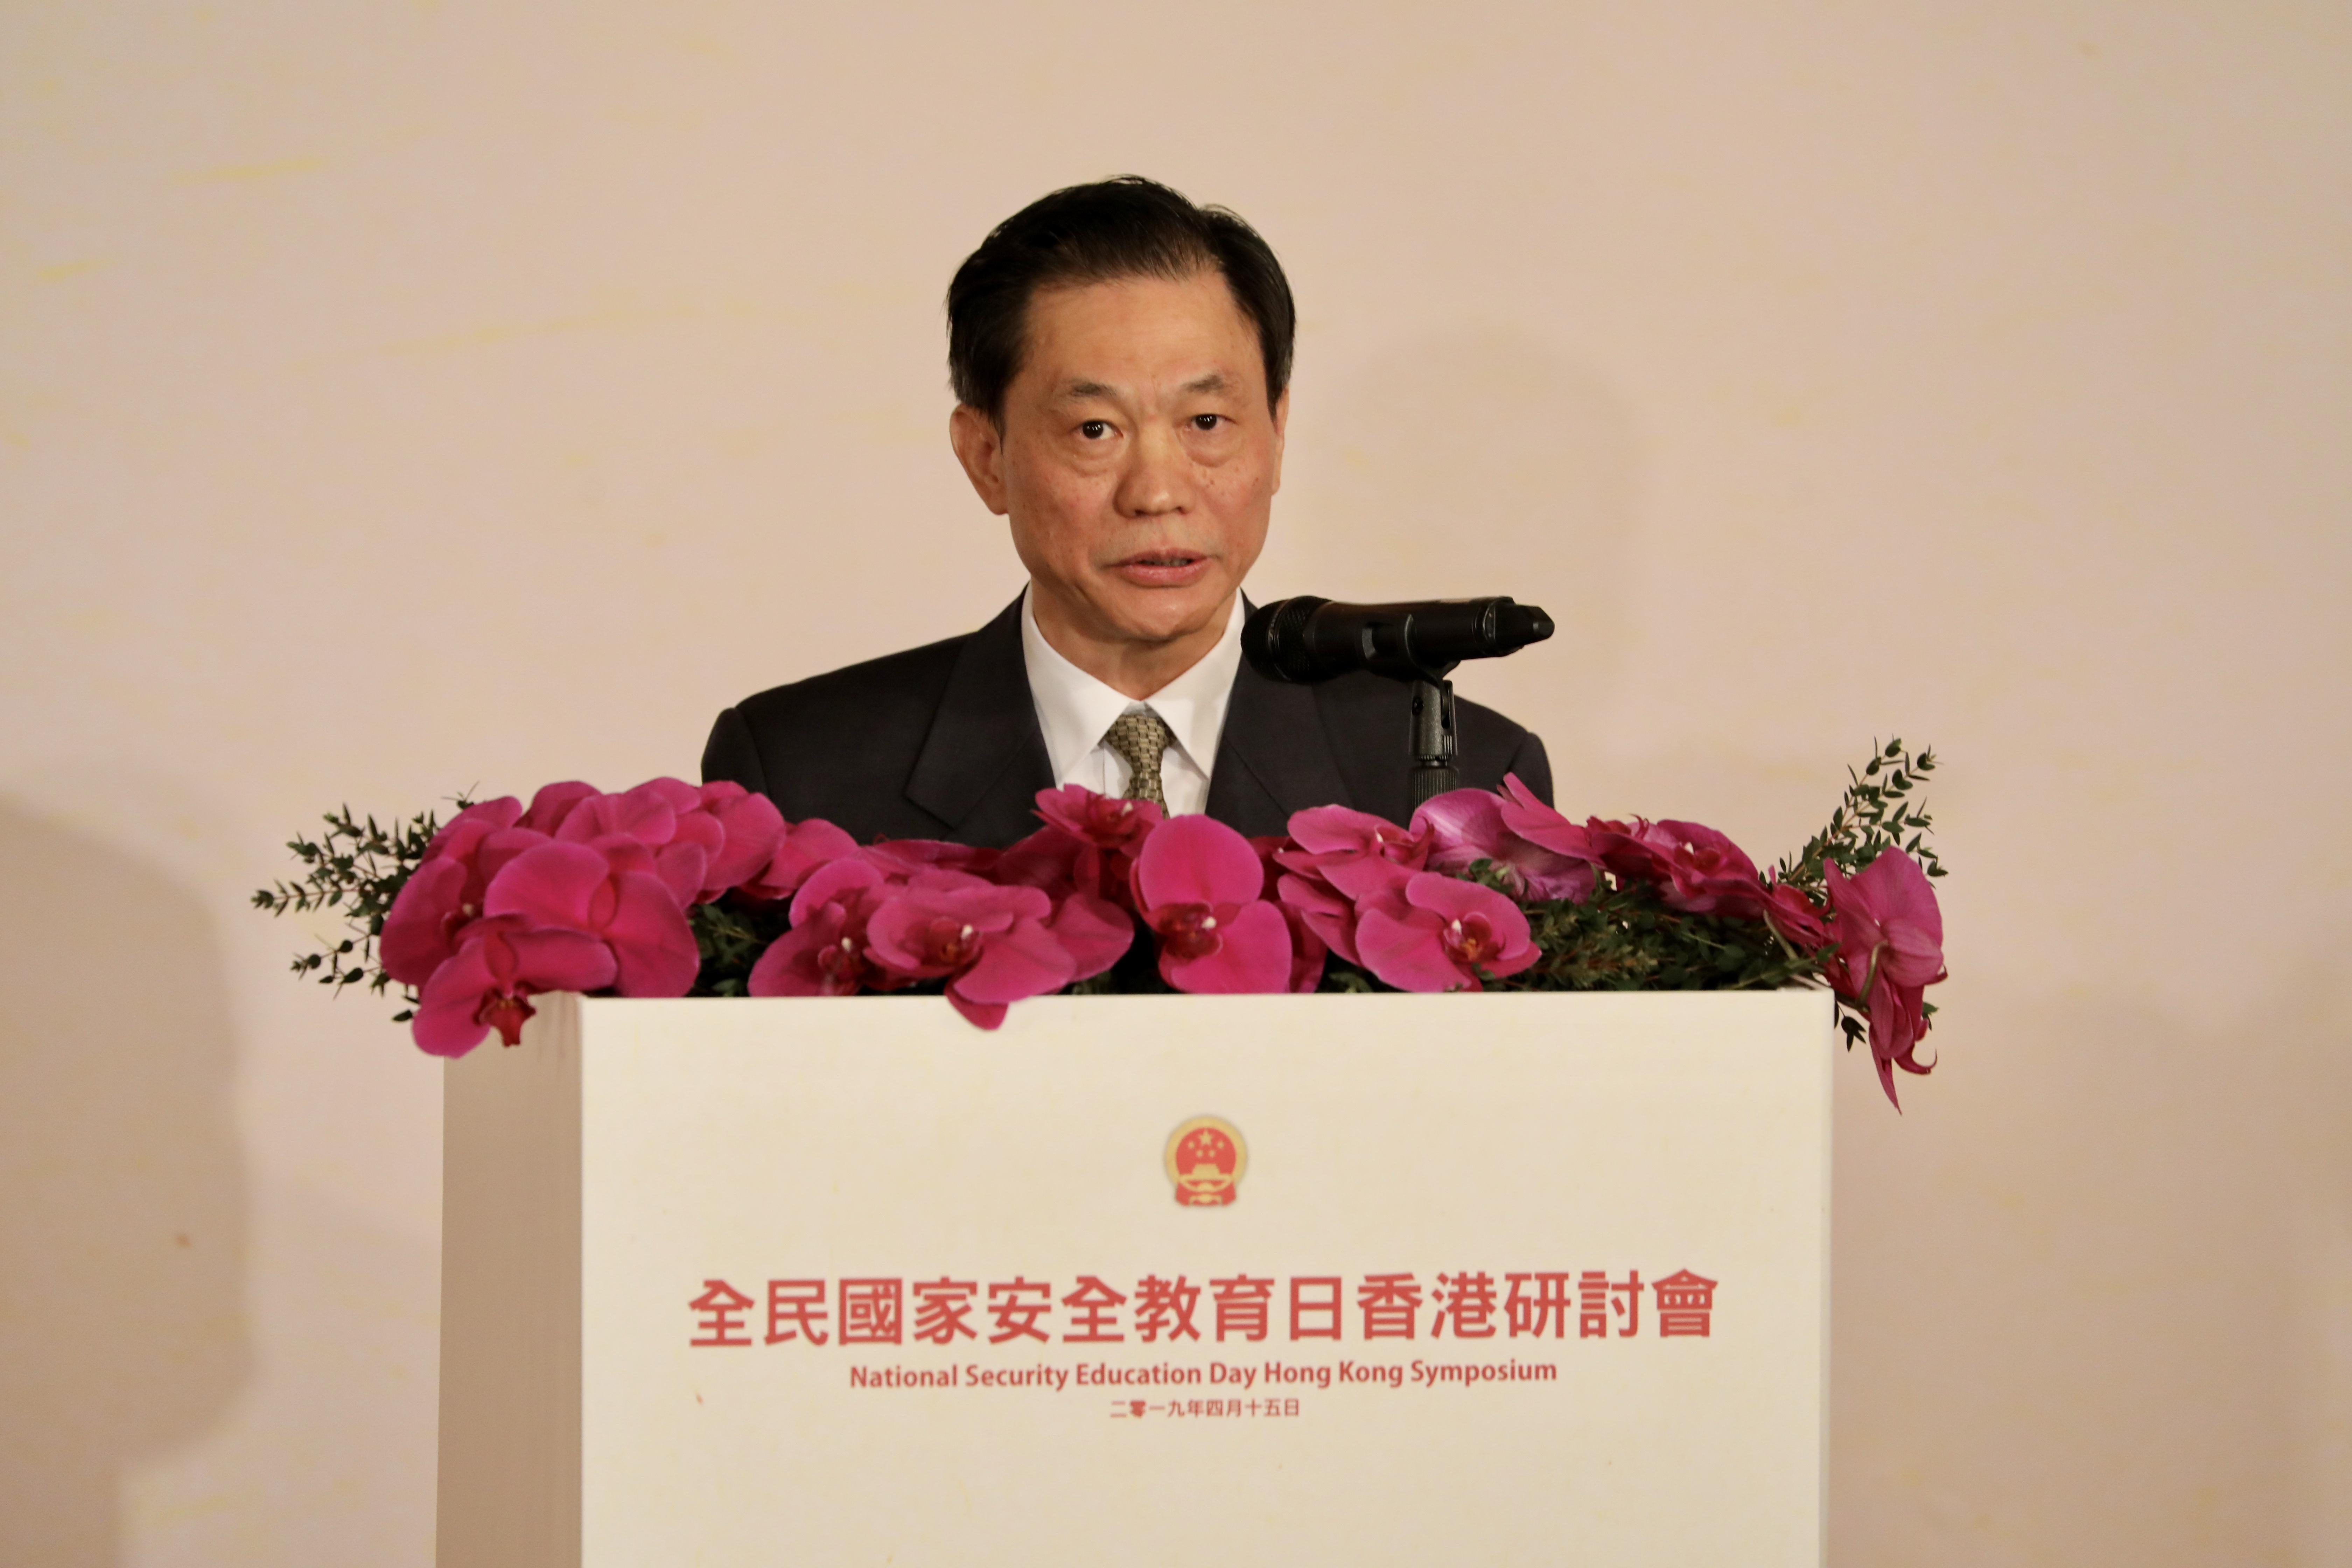 鄧中華:把維護國家安全作為貫徹落實「一國兩制」的核心要義